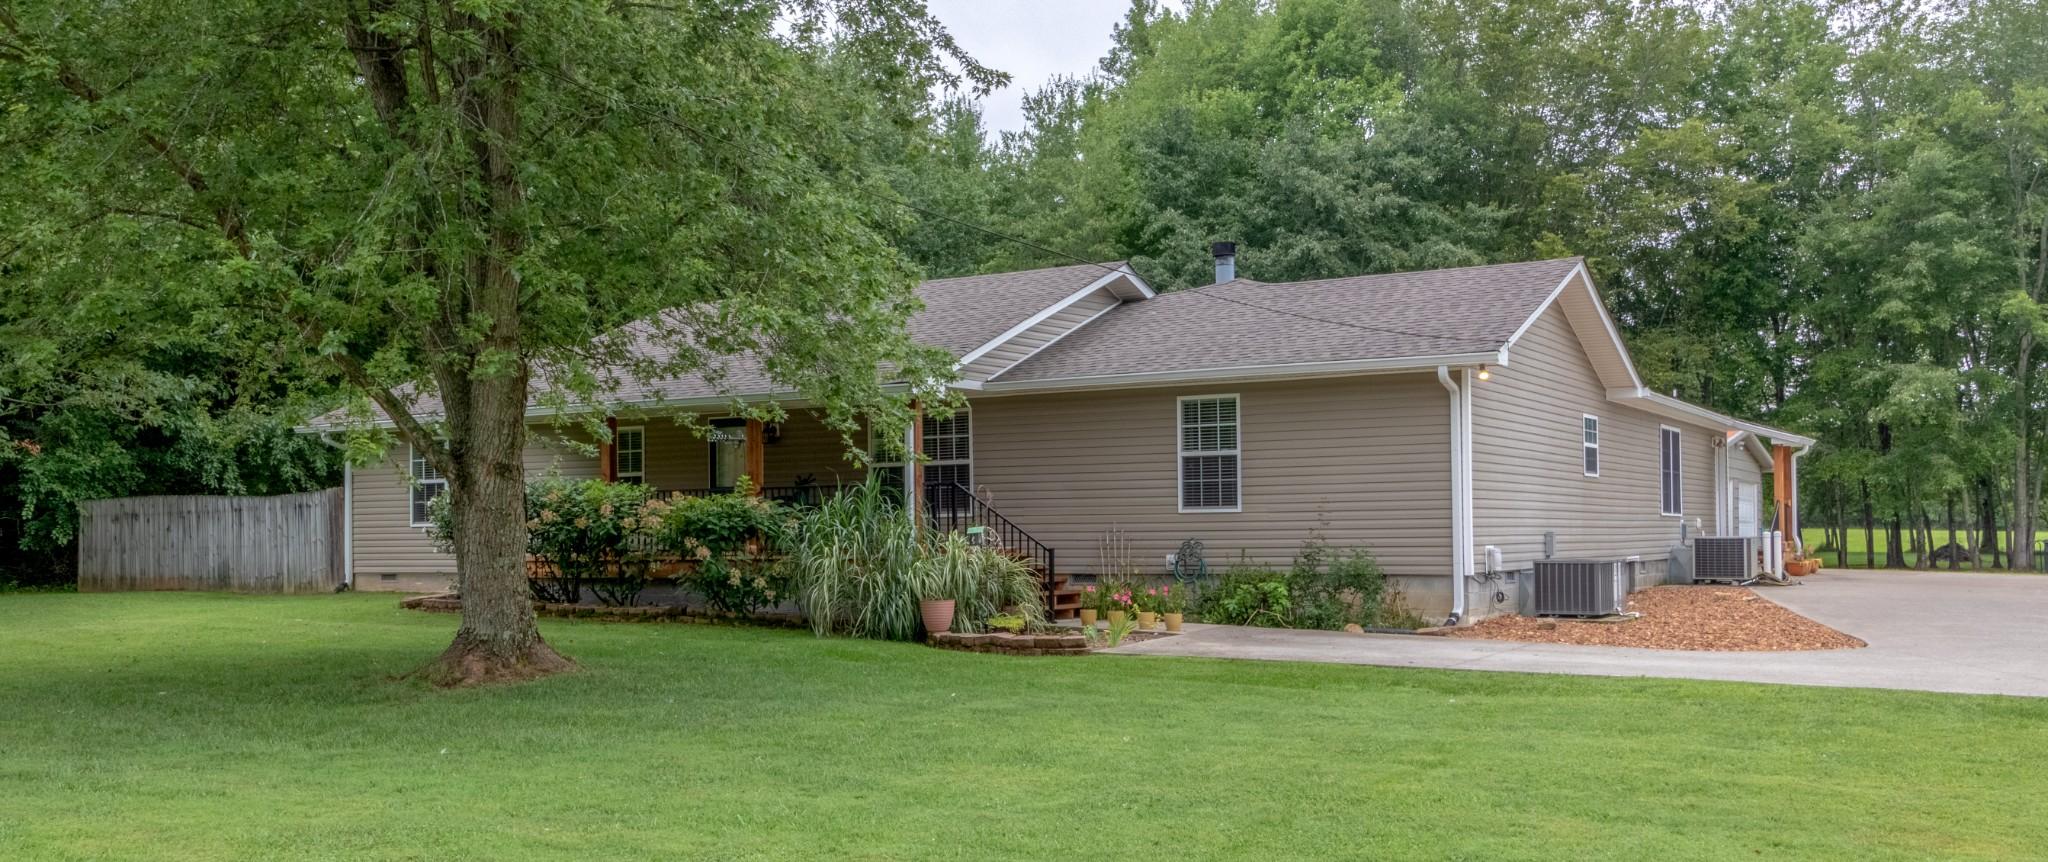 2628 Lake Rd Property Photo